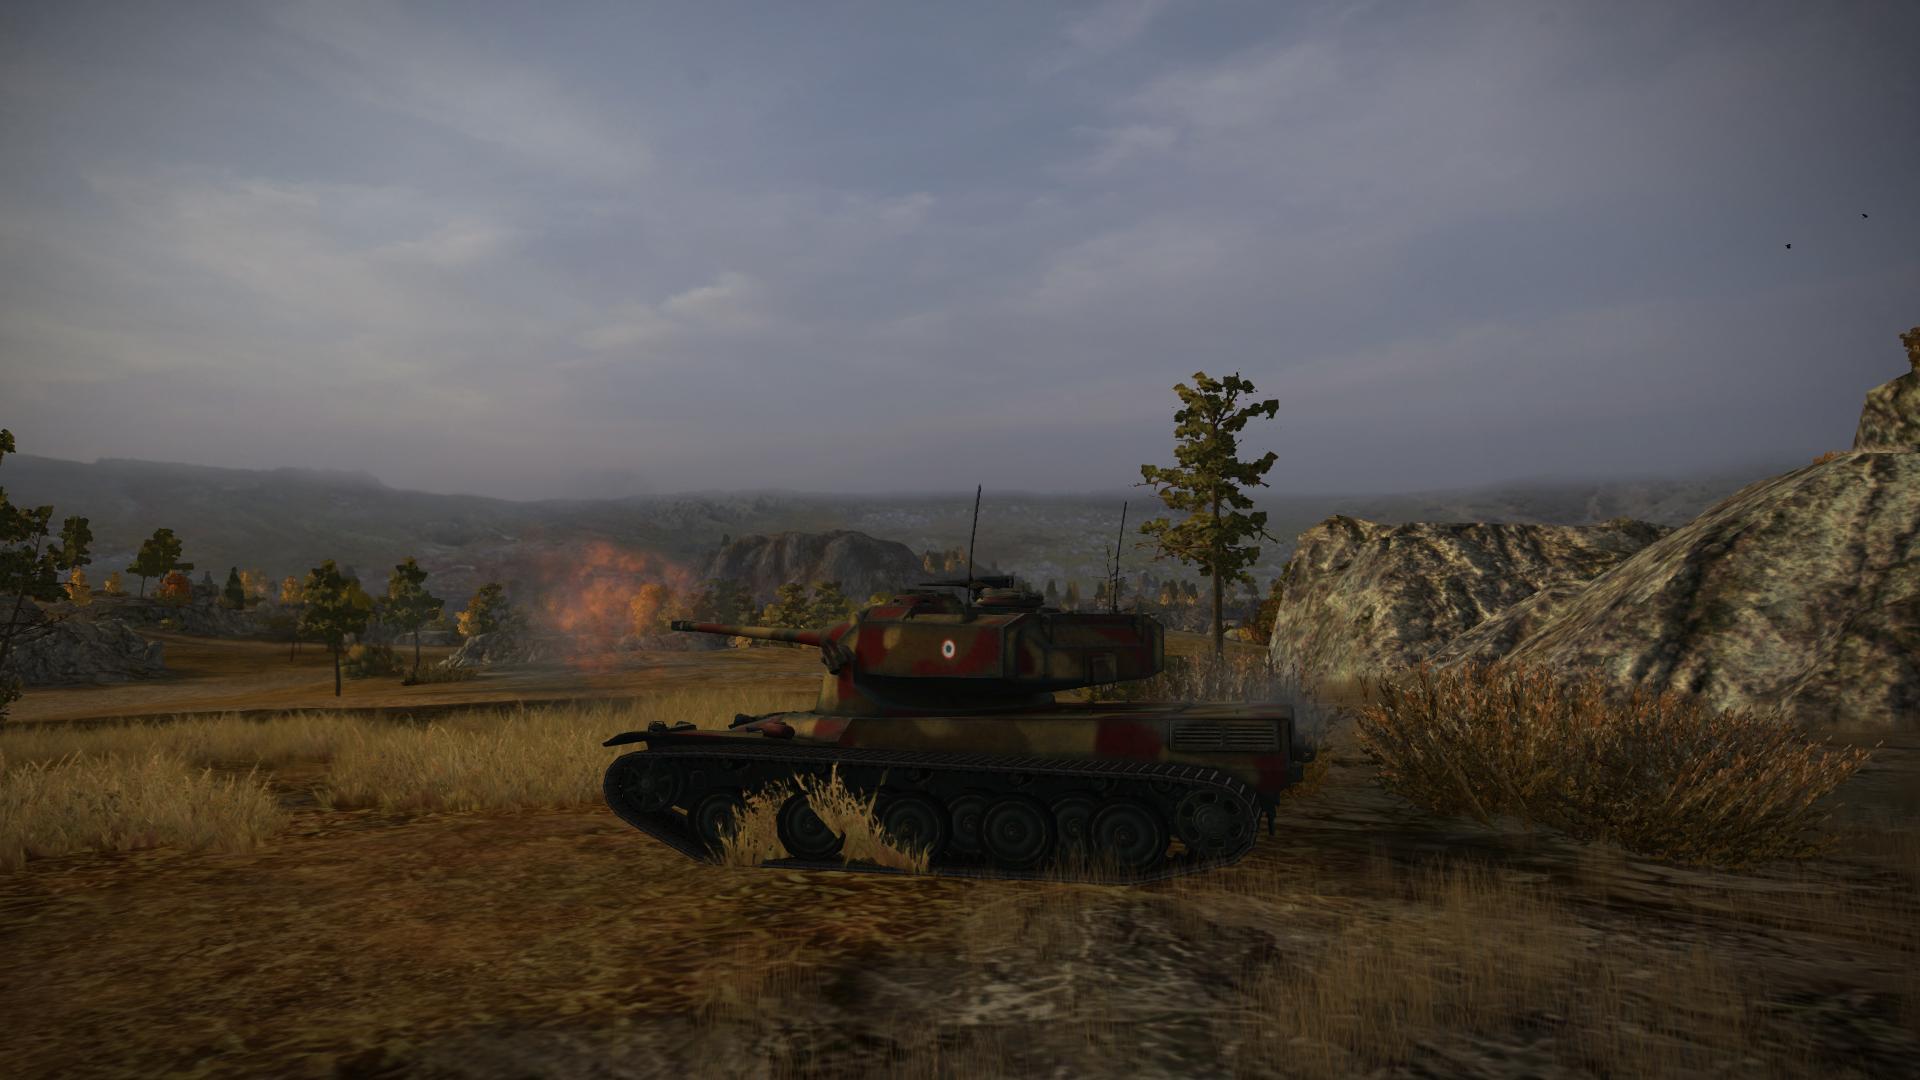 Klicke auf die Grafik für eine größere AnsichtName:AMX 50 B_9.jpgHits:80Größe:162,3 KBID:6074